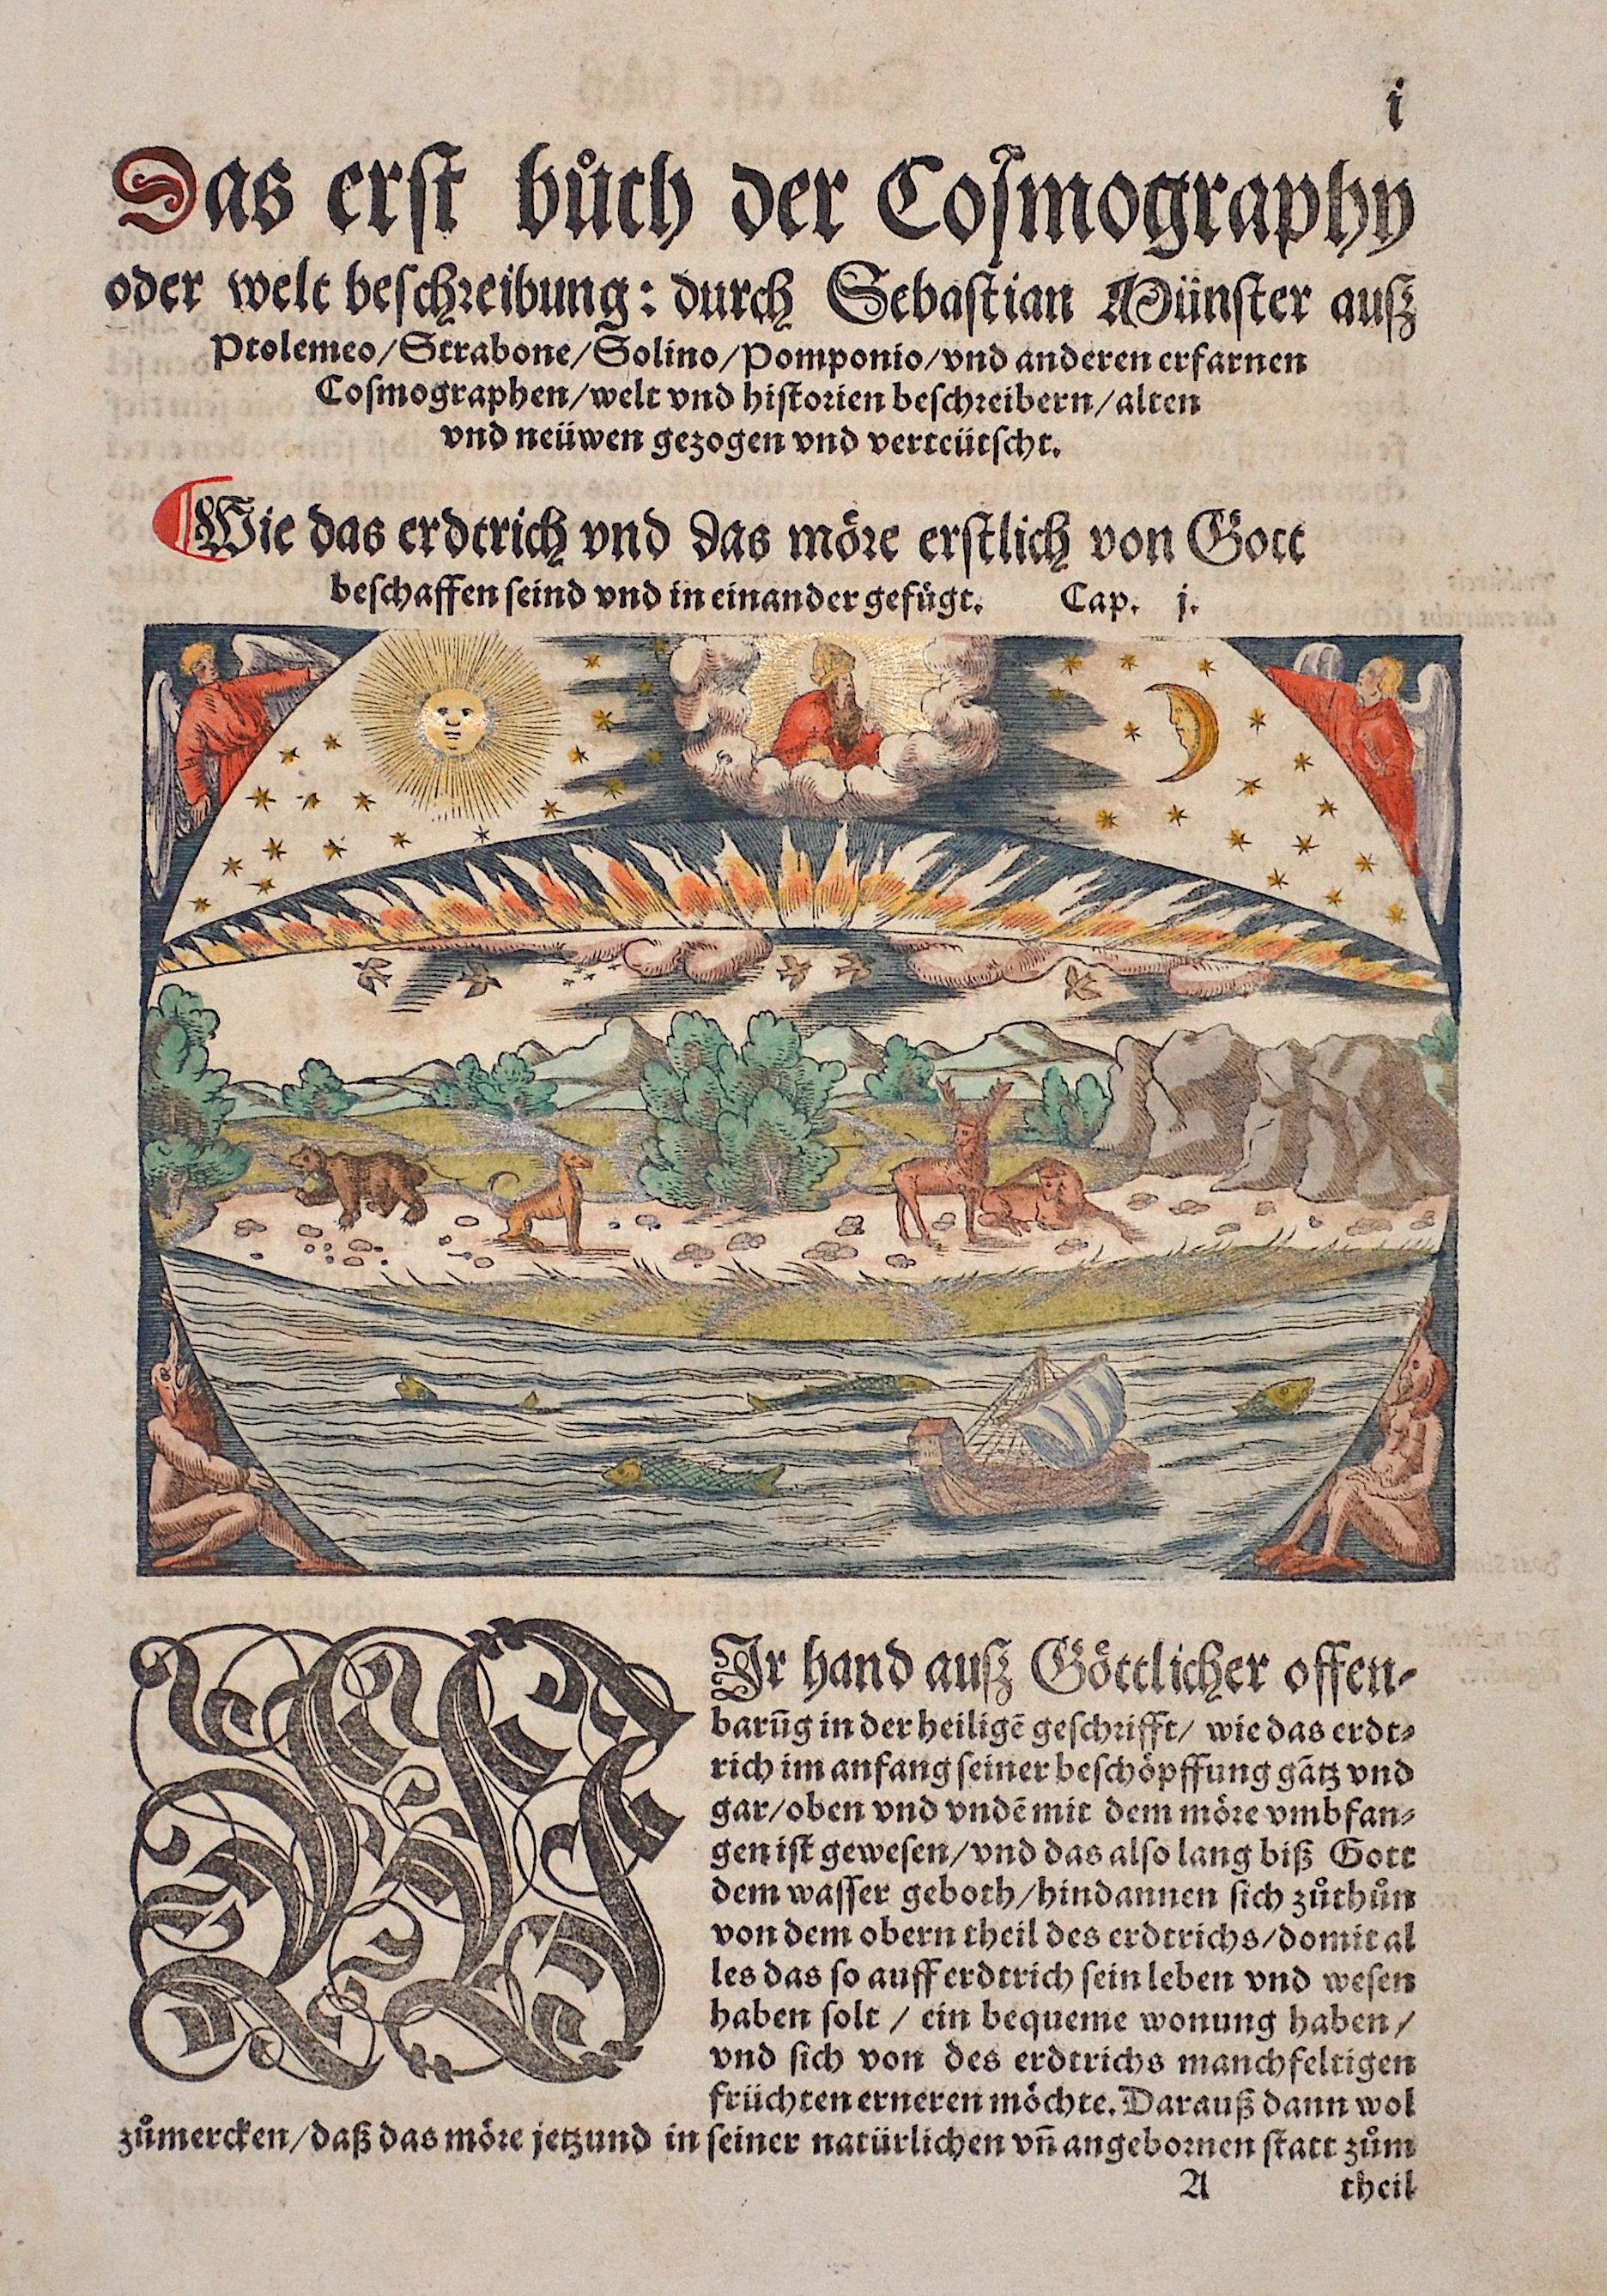 Münster Sebastian Wie das Erdtrich und das Meere erstlich von Gottbeschaffen seint/ und in einander gefügt